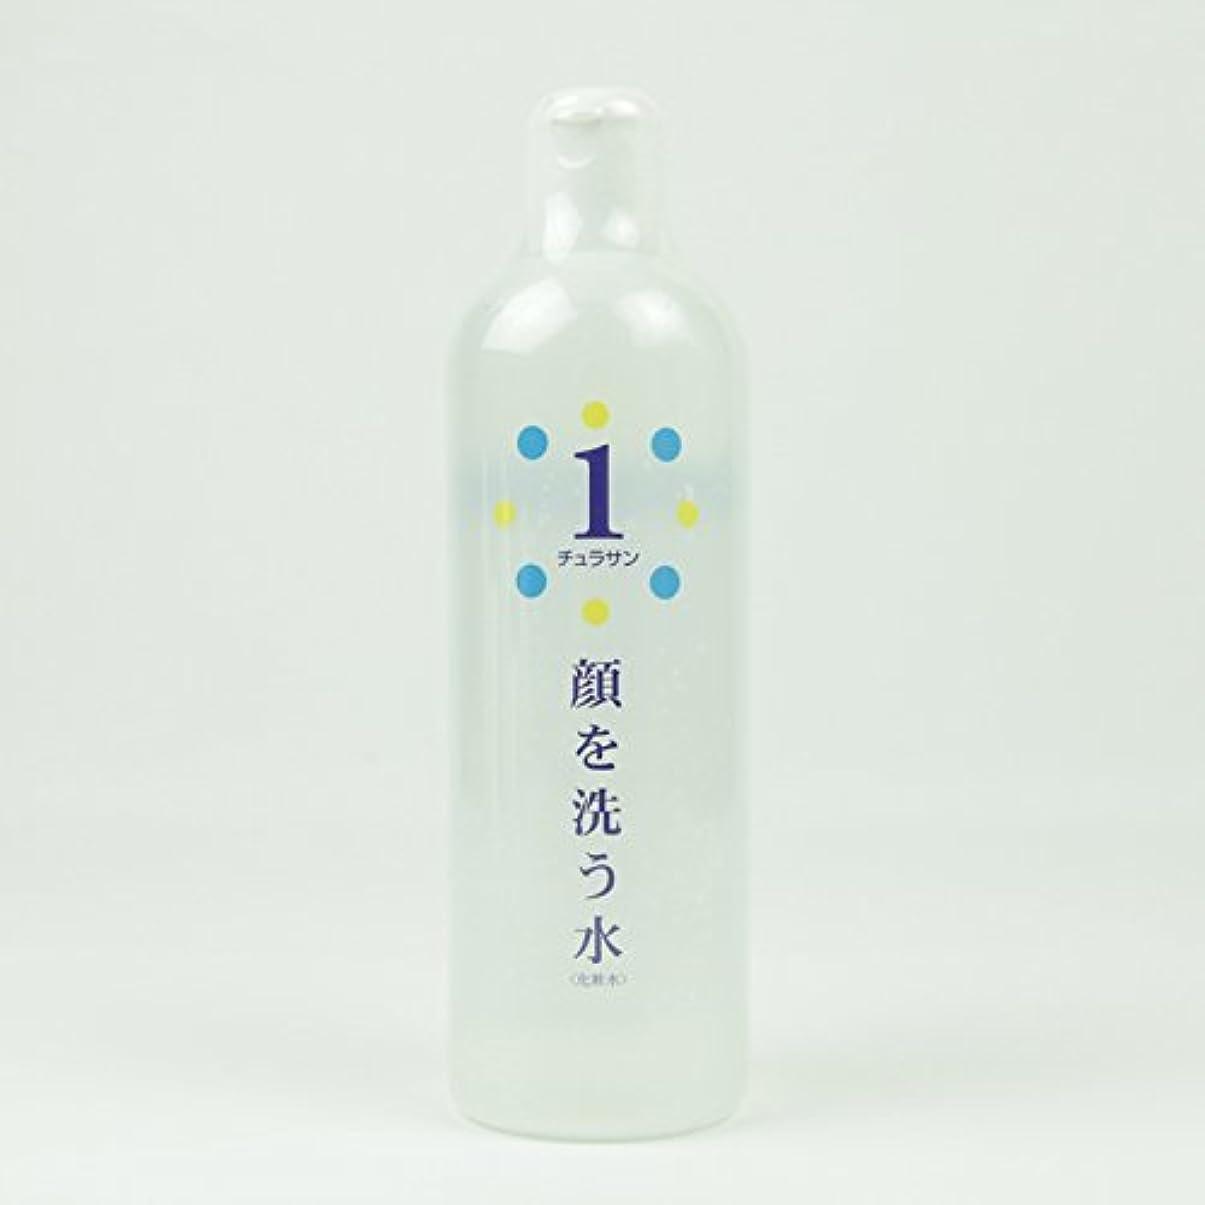 まで阻害するひどいチュラサン1 【顔を洗う水】 500ml